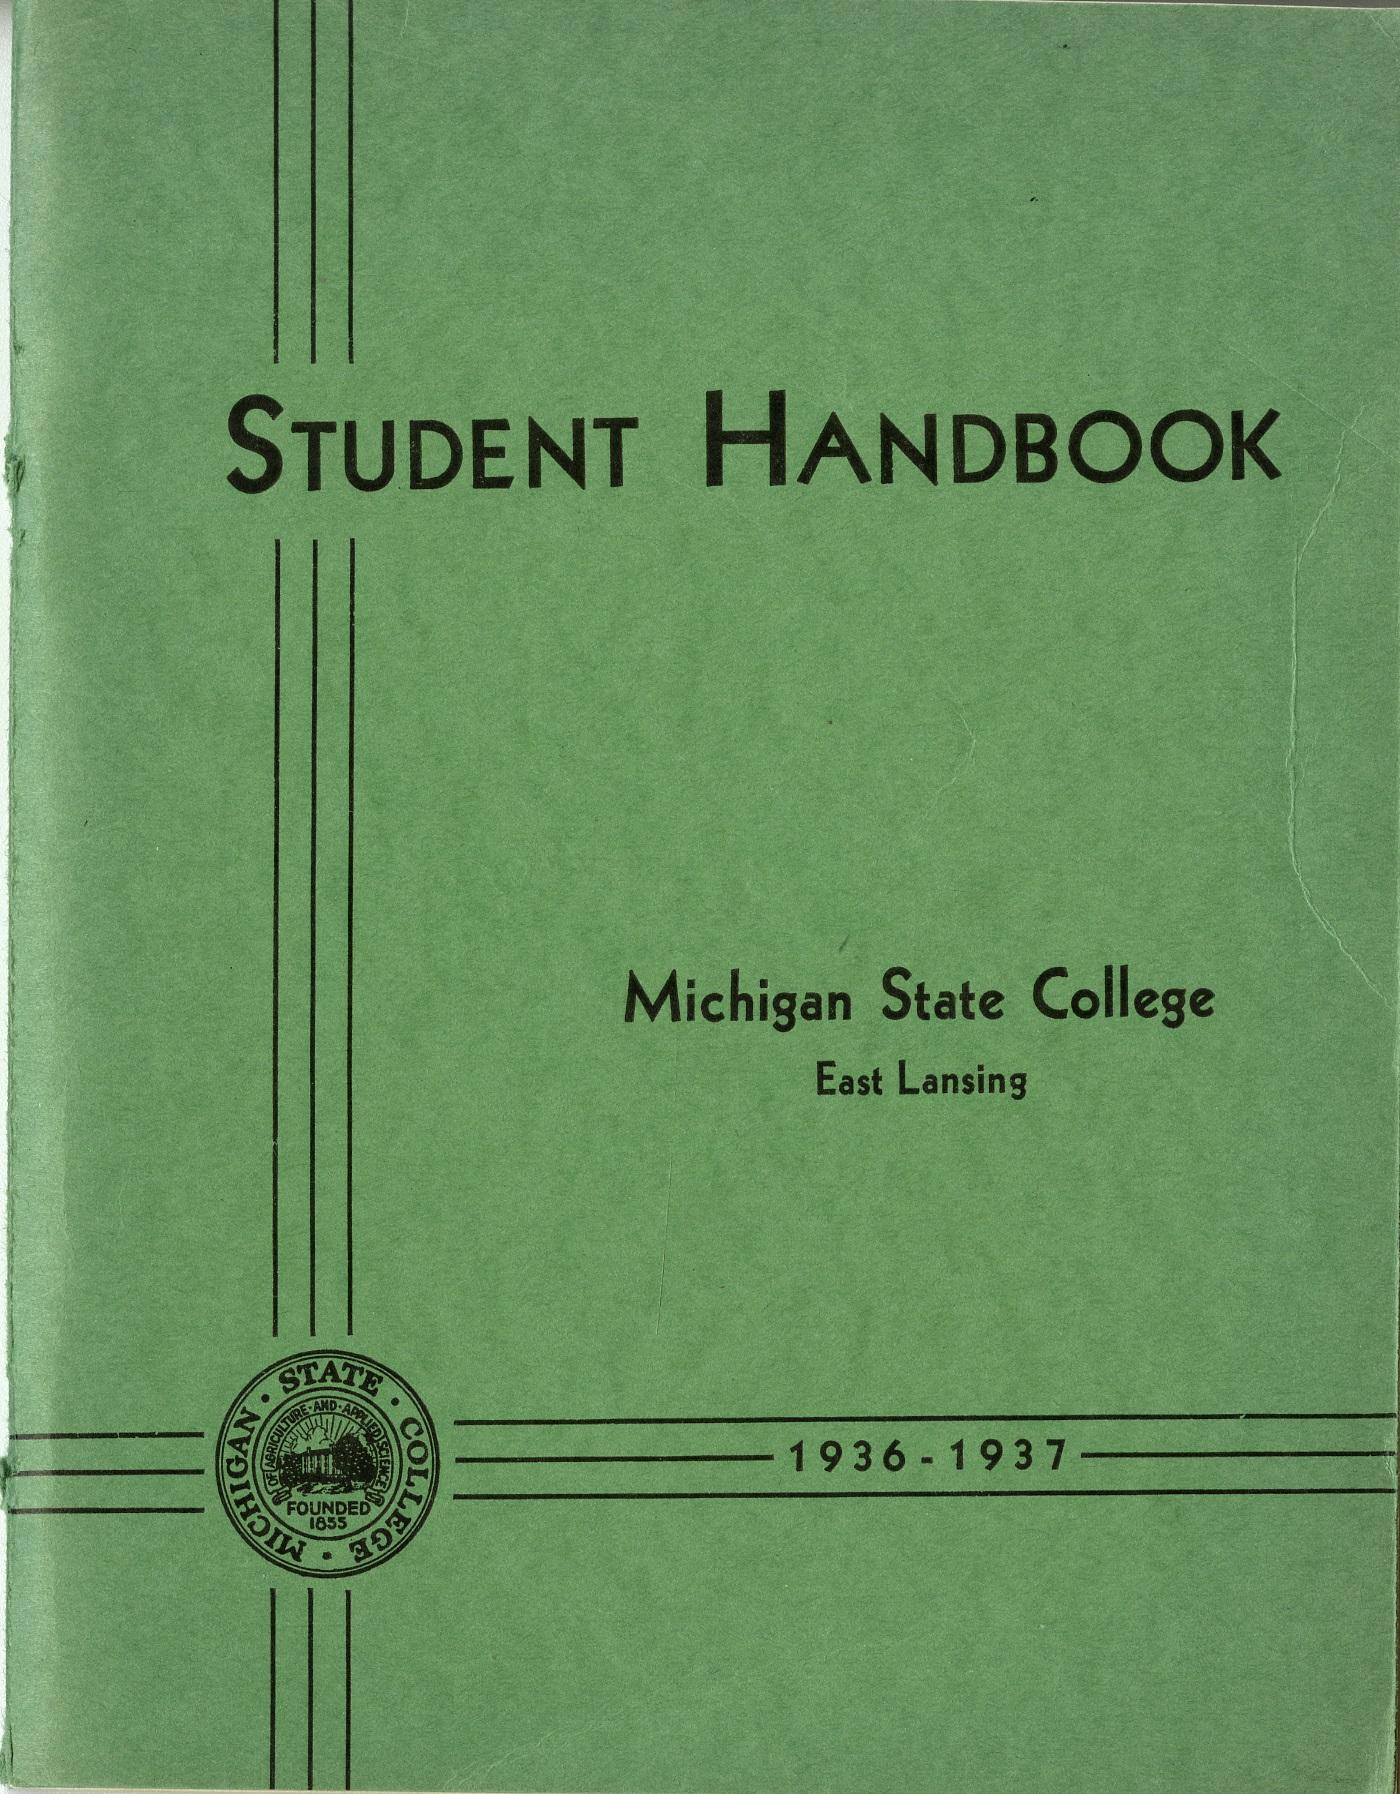 Student Handbook, 1936-1937